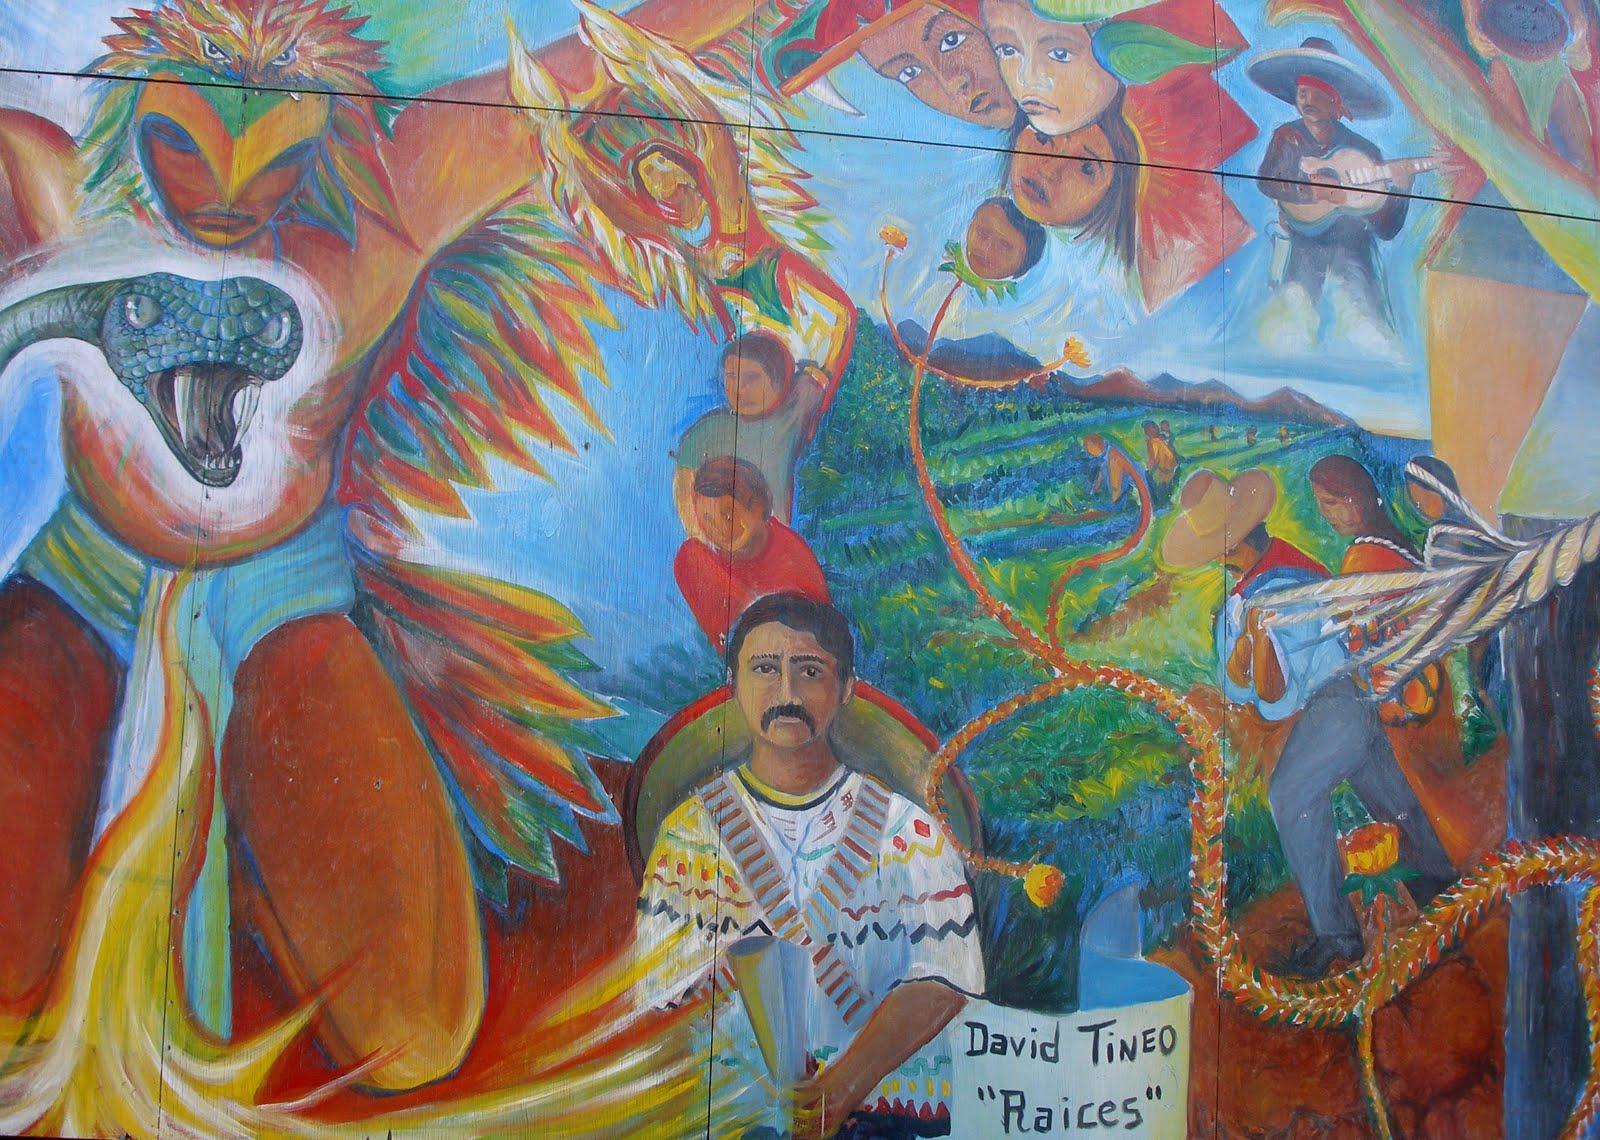 David Tineo Murals